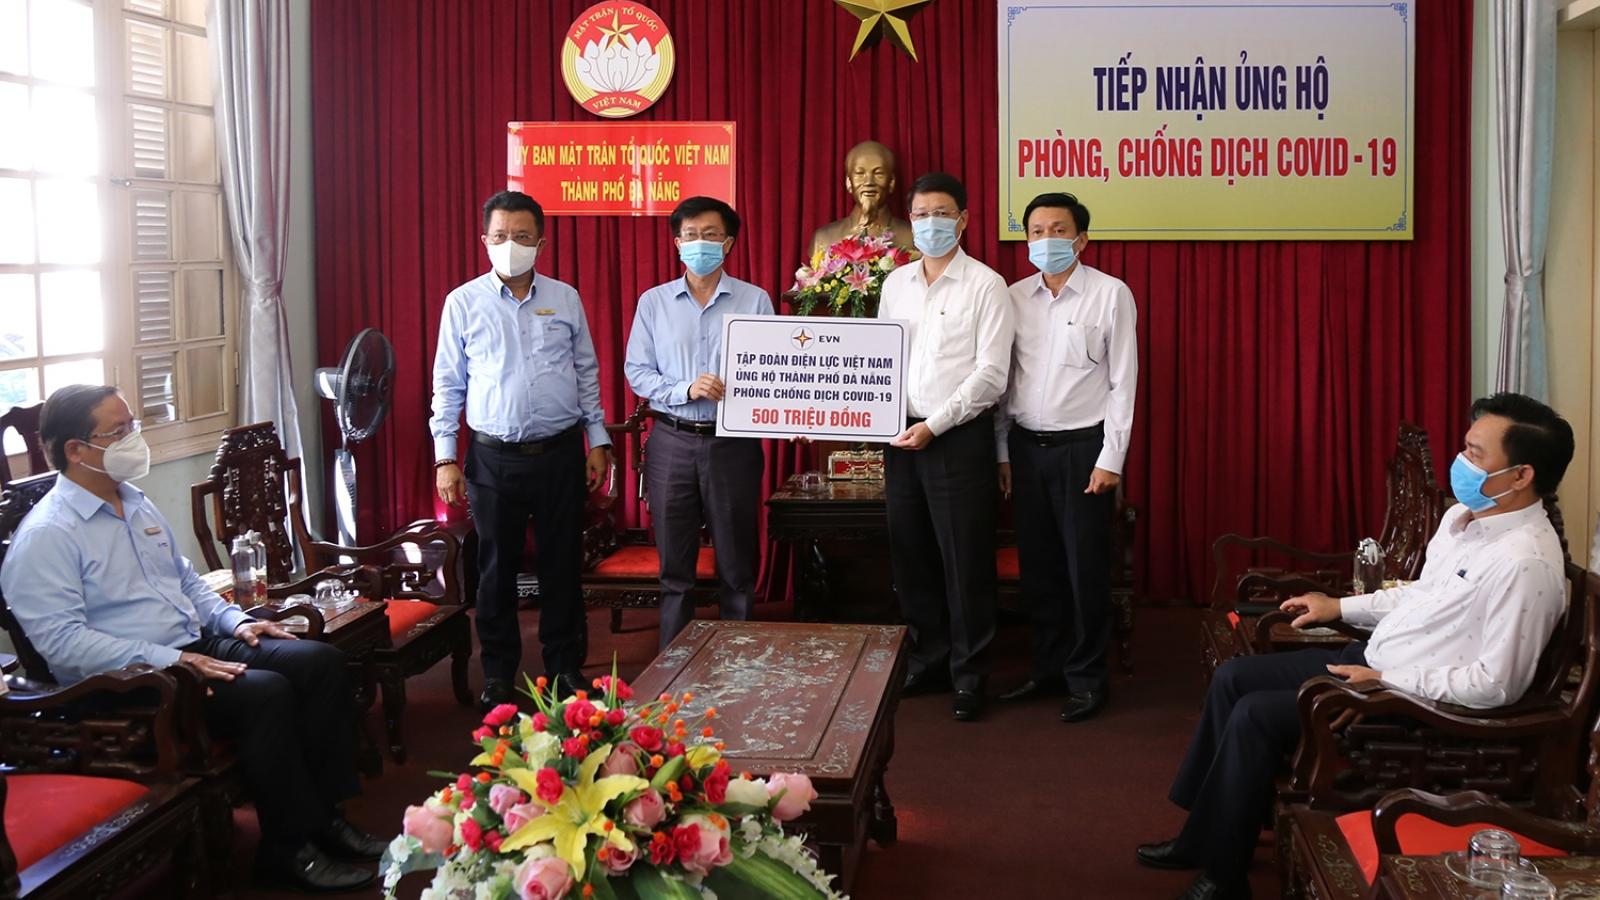 Tập đoàn Điện lực trao 500 triệu đồng giúp Đà Nẵng phòng, chống dịch COVID-19